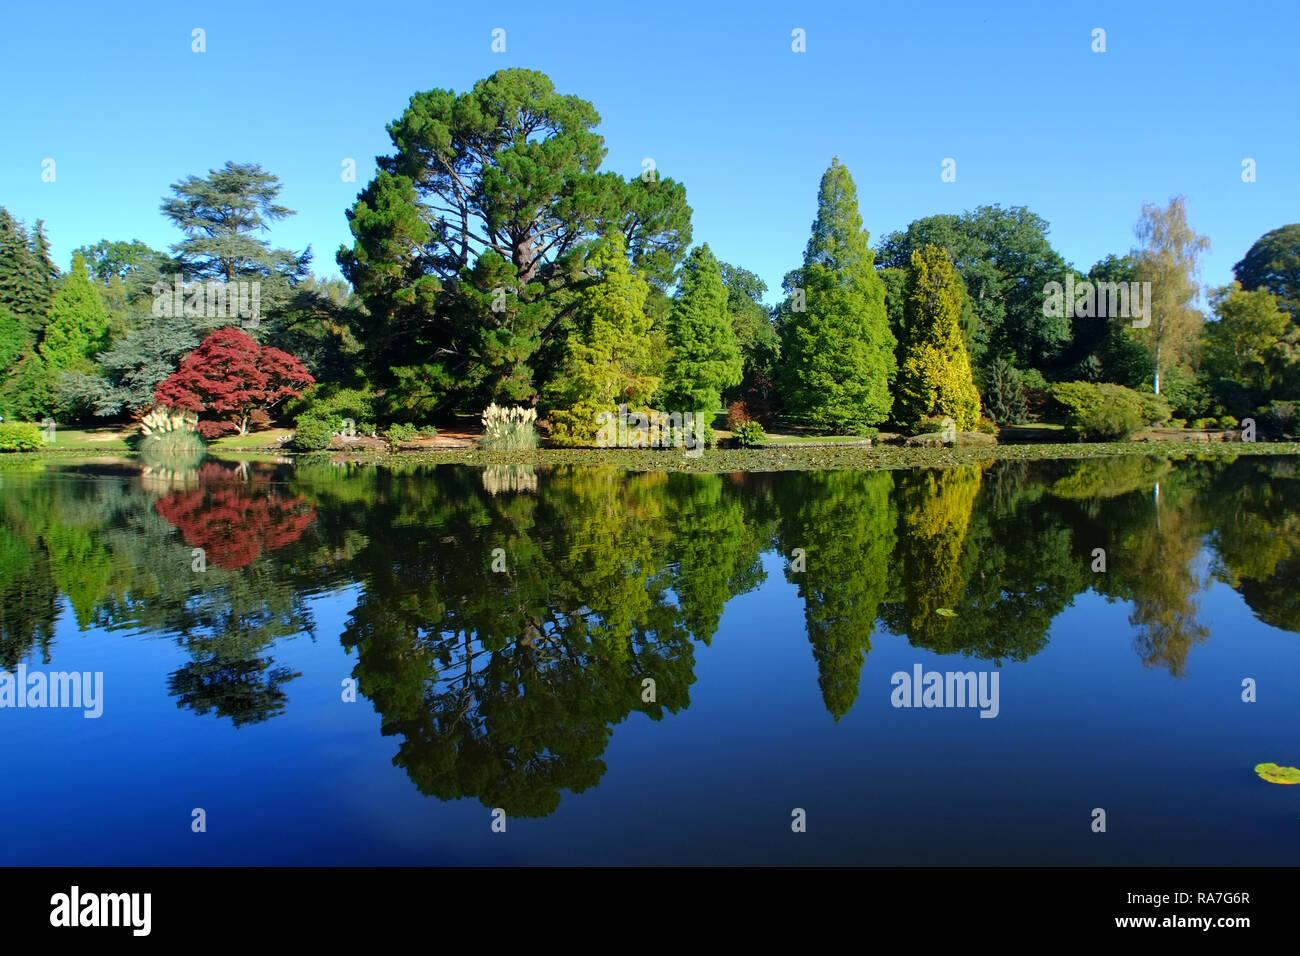 Couleurs d'automne dans la région de Sheffield Park Gardens, East Sussex, UK Banque D'Images